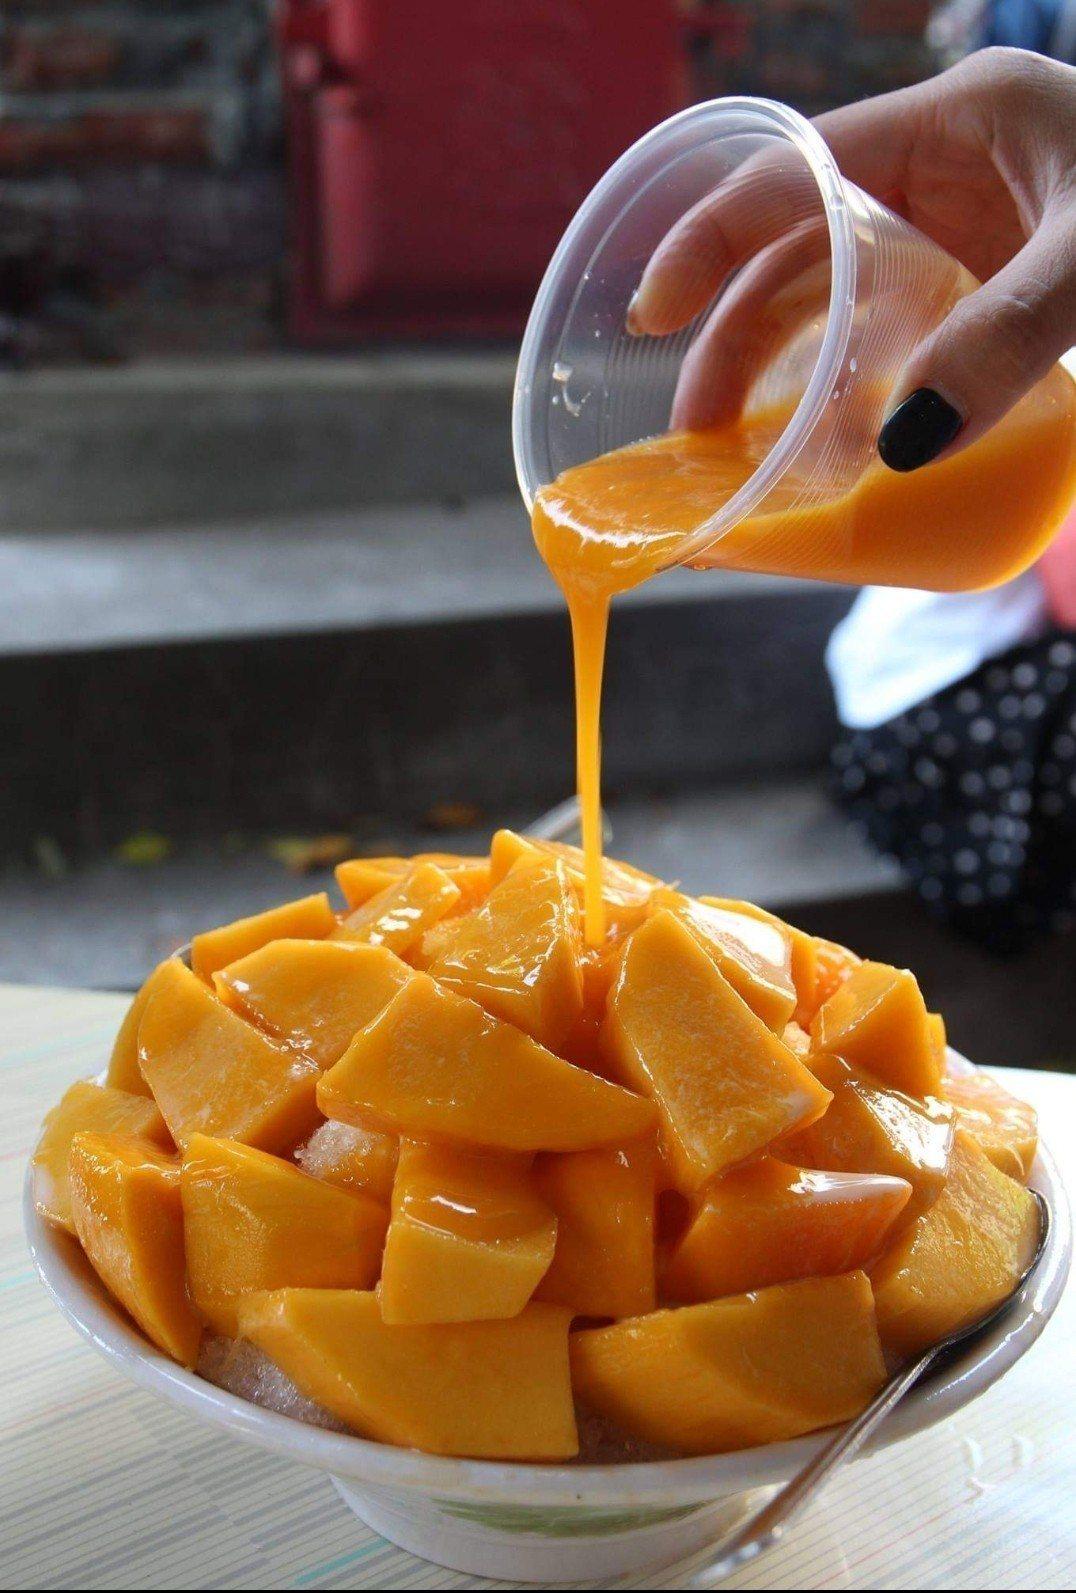 台南冰鄉的芒果冰一年只賣一個月。圖/取自冰鄉臉書